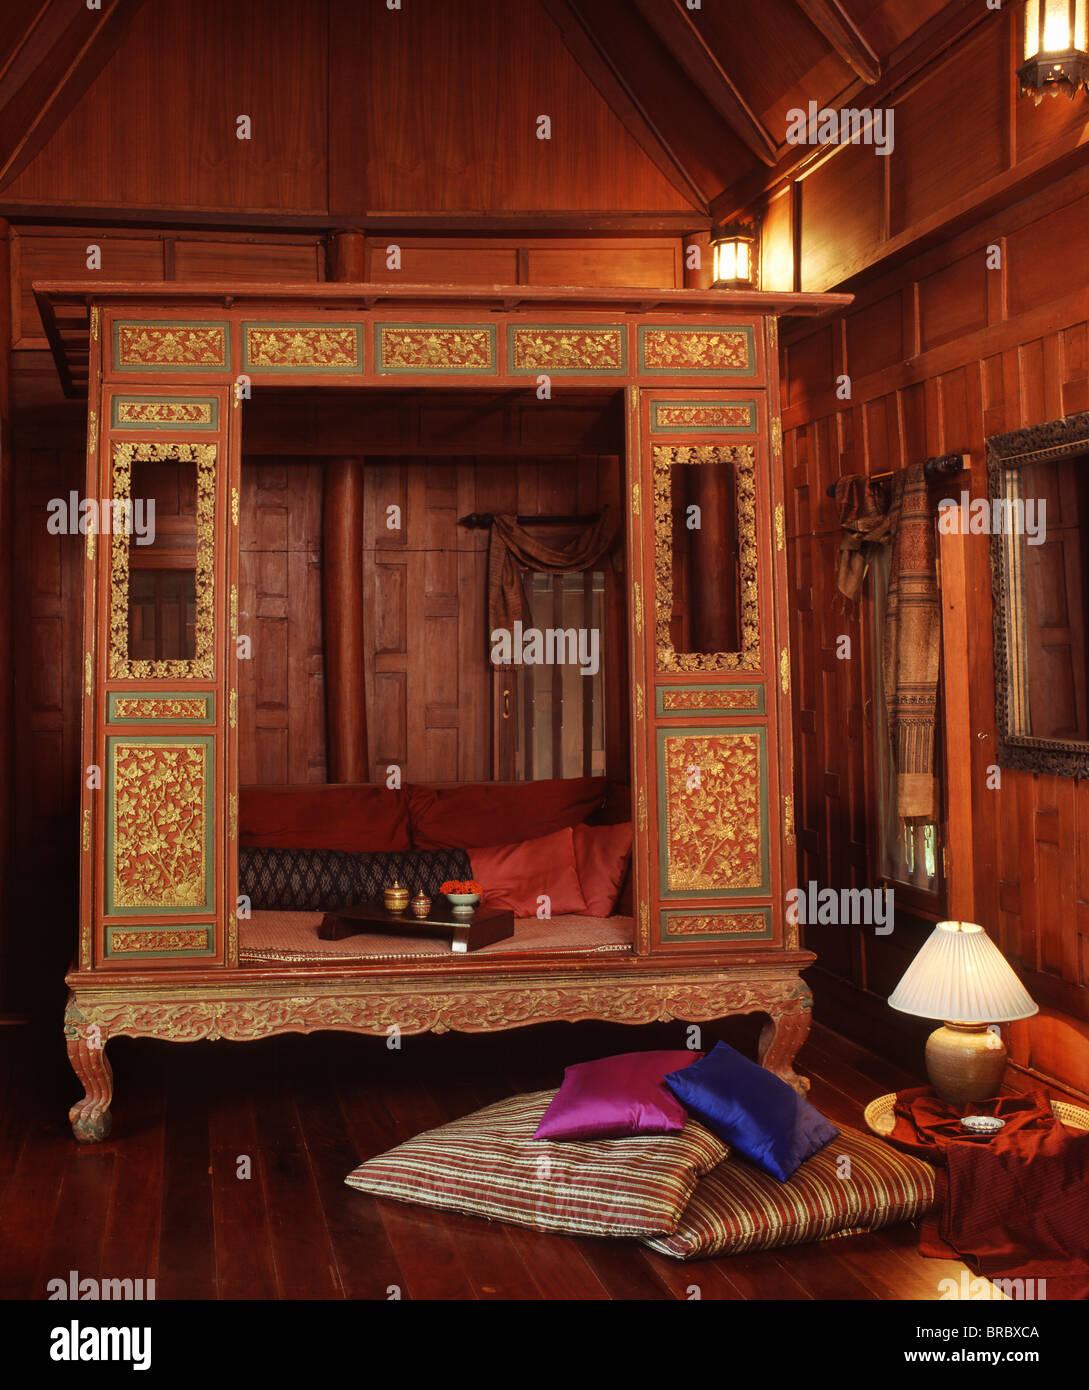 Interior de una casa de estilo tailandés con una cama Thai-Chinese, Tailandia Imagen De Stock